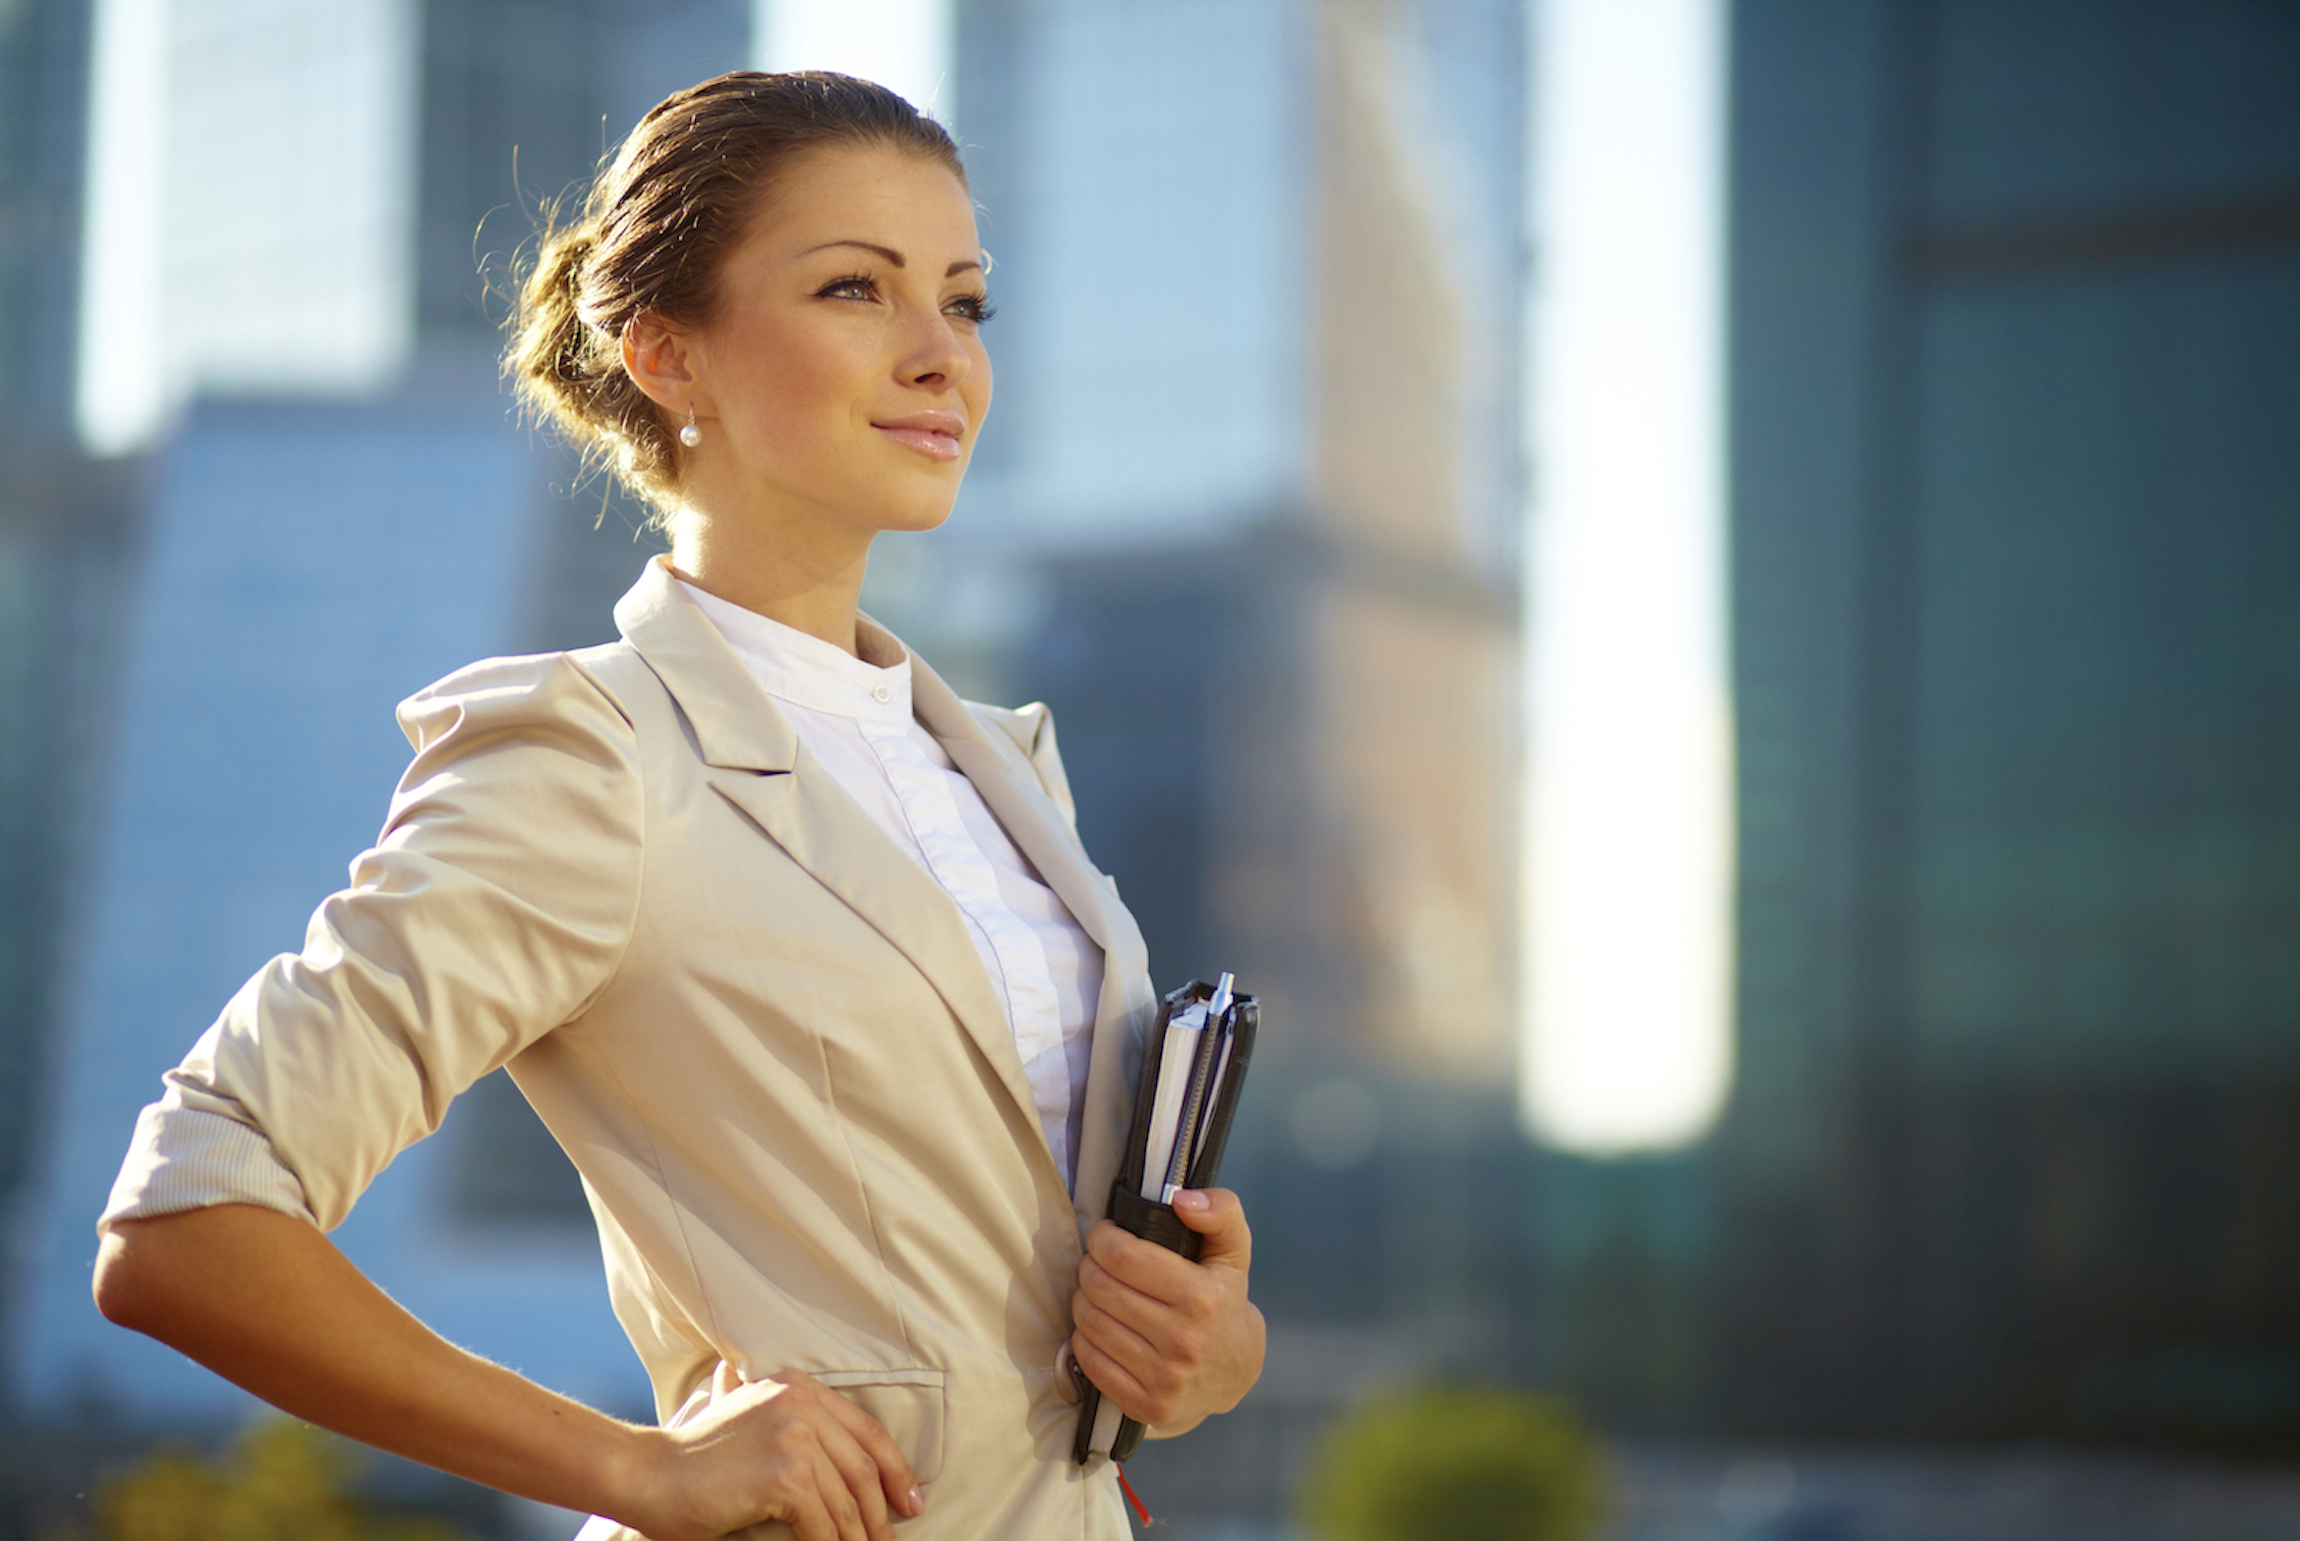 Personalidade é mais importante do que inteligência para o sucesso